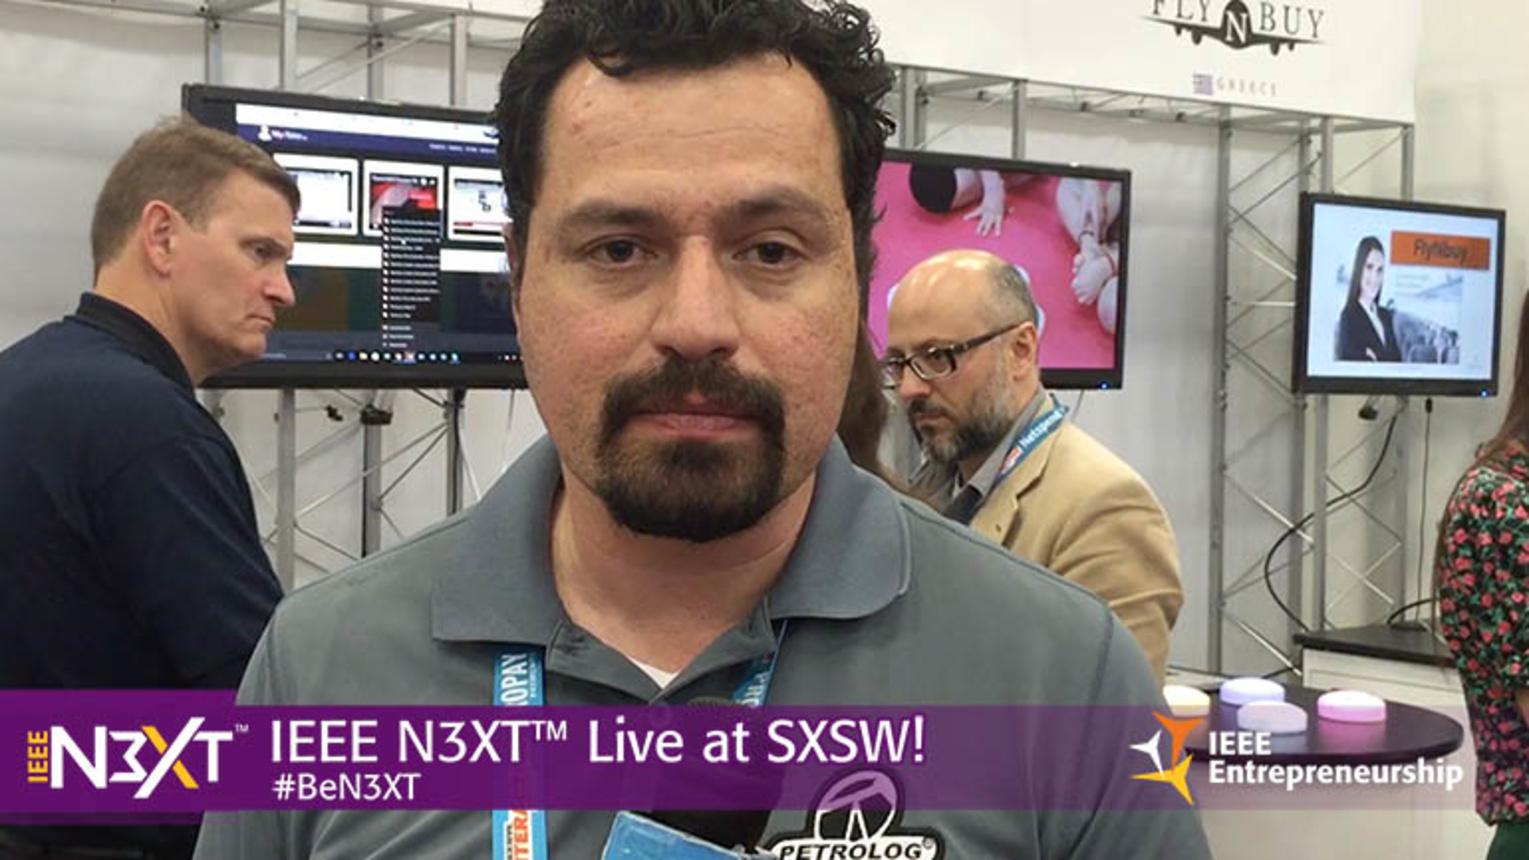 IEEE N3XT @ SXSW 2016: Cesar Chavez, Petrolog Automation